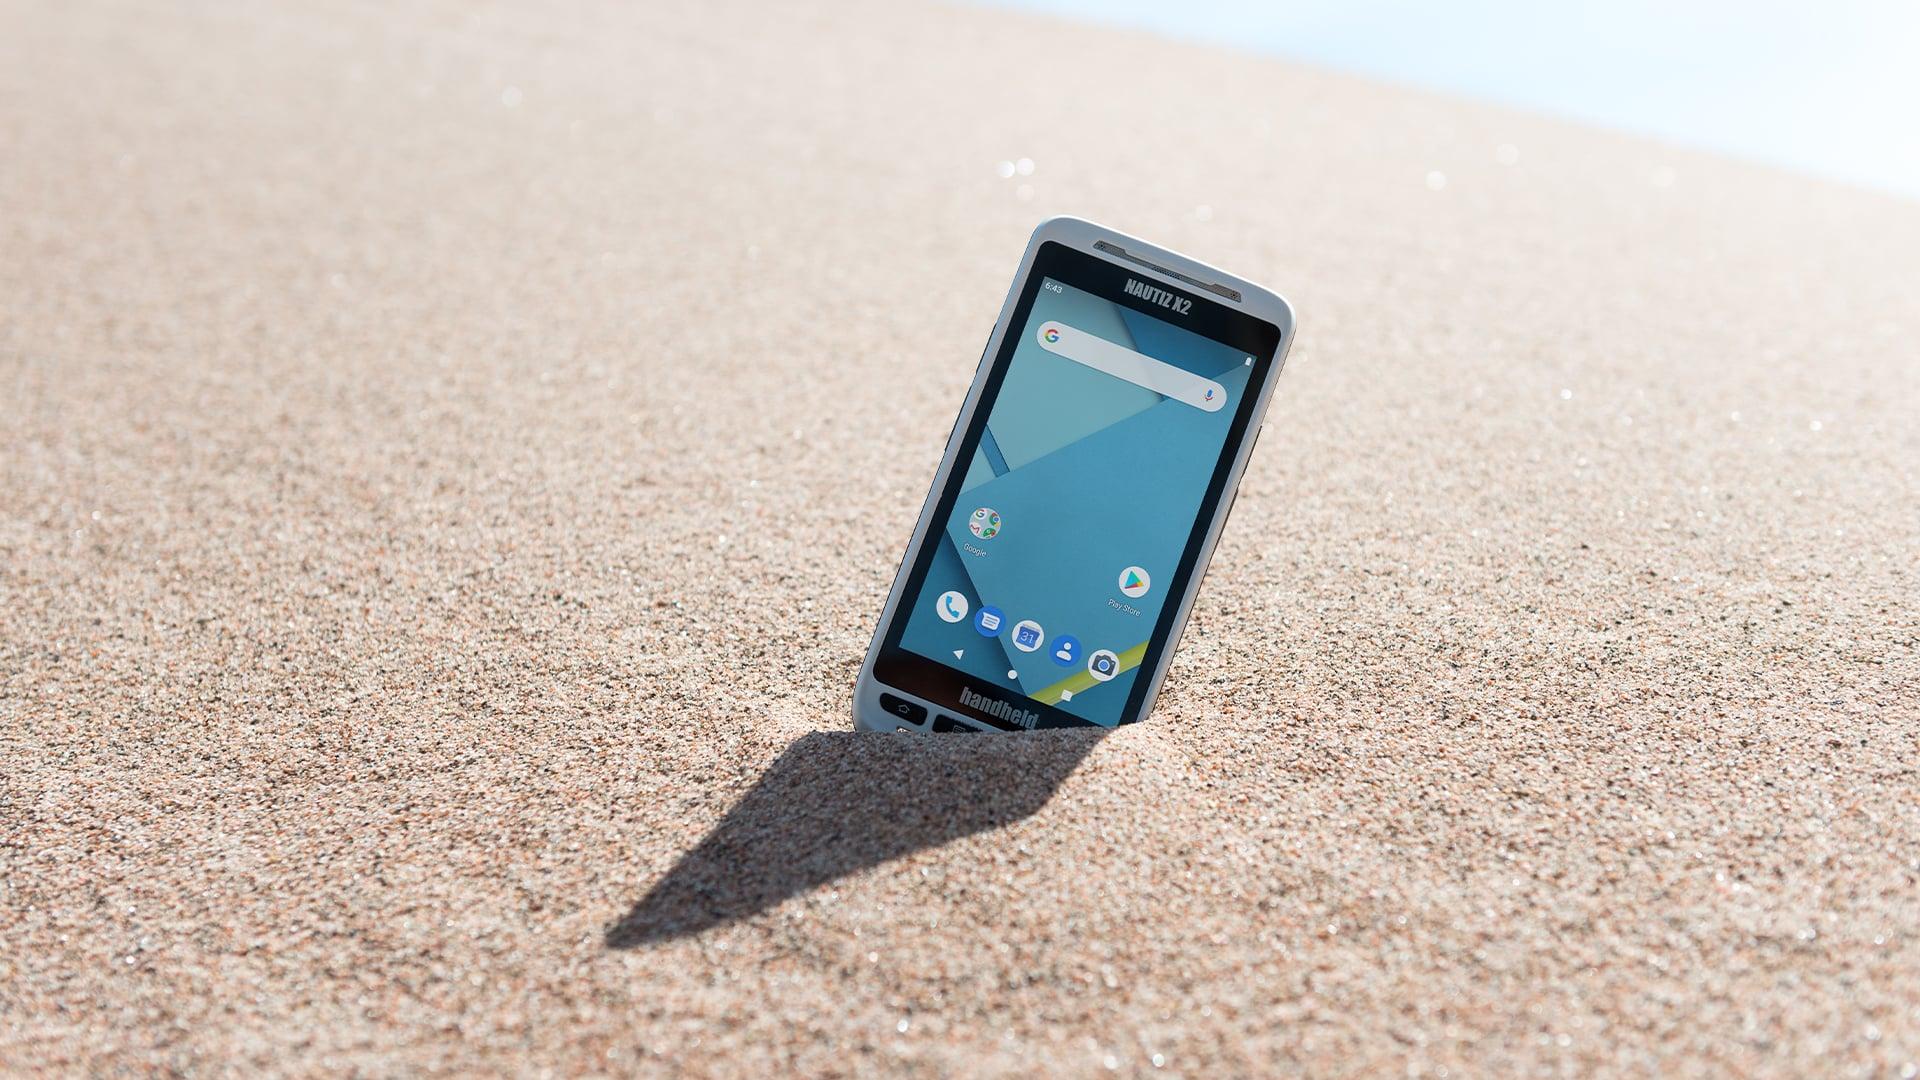 handheld nautiz x2 in sand